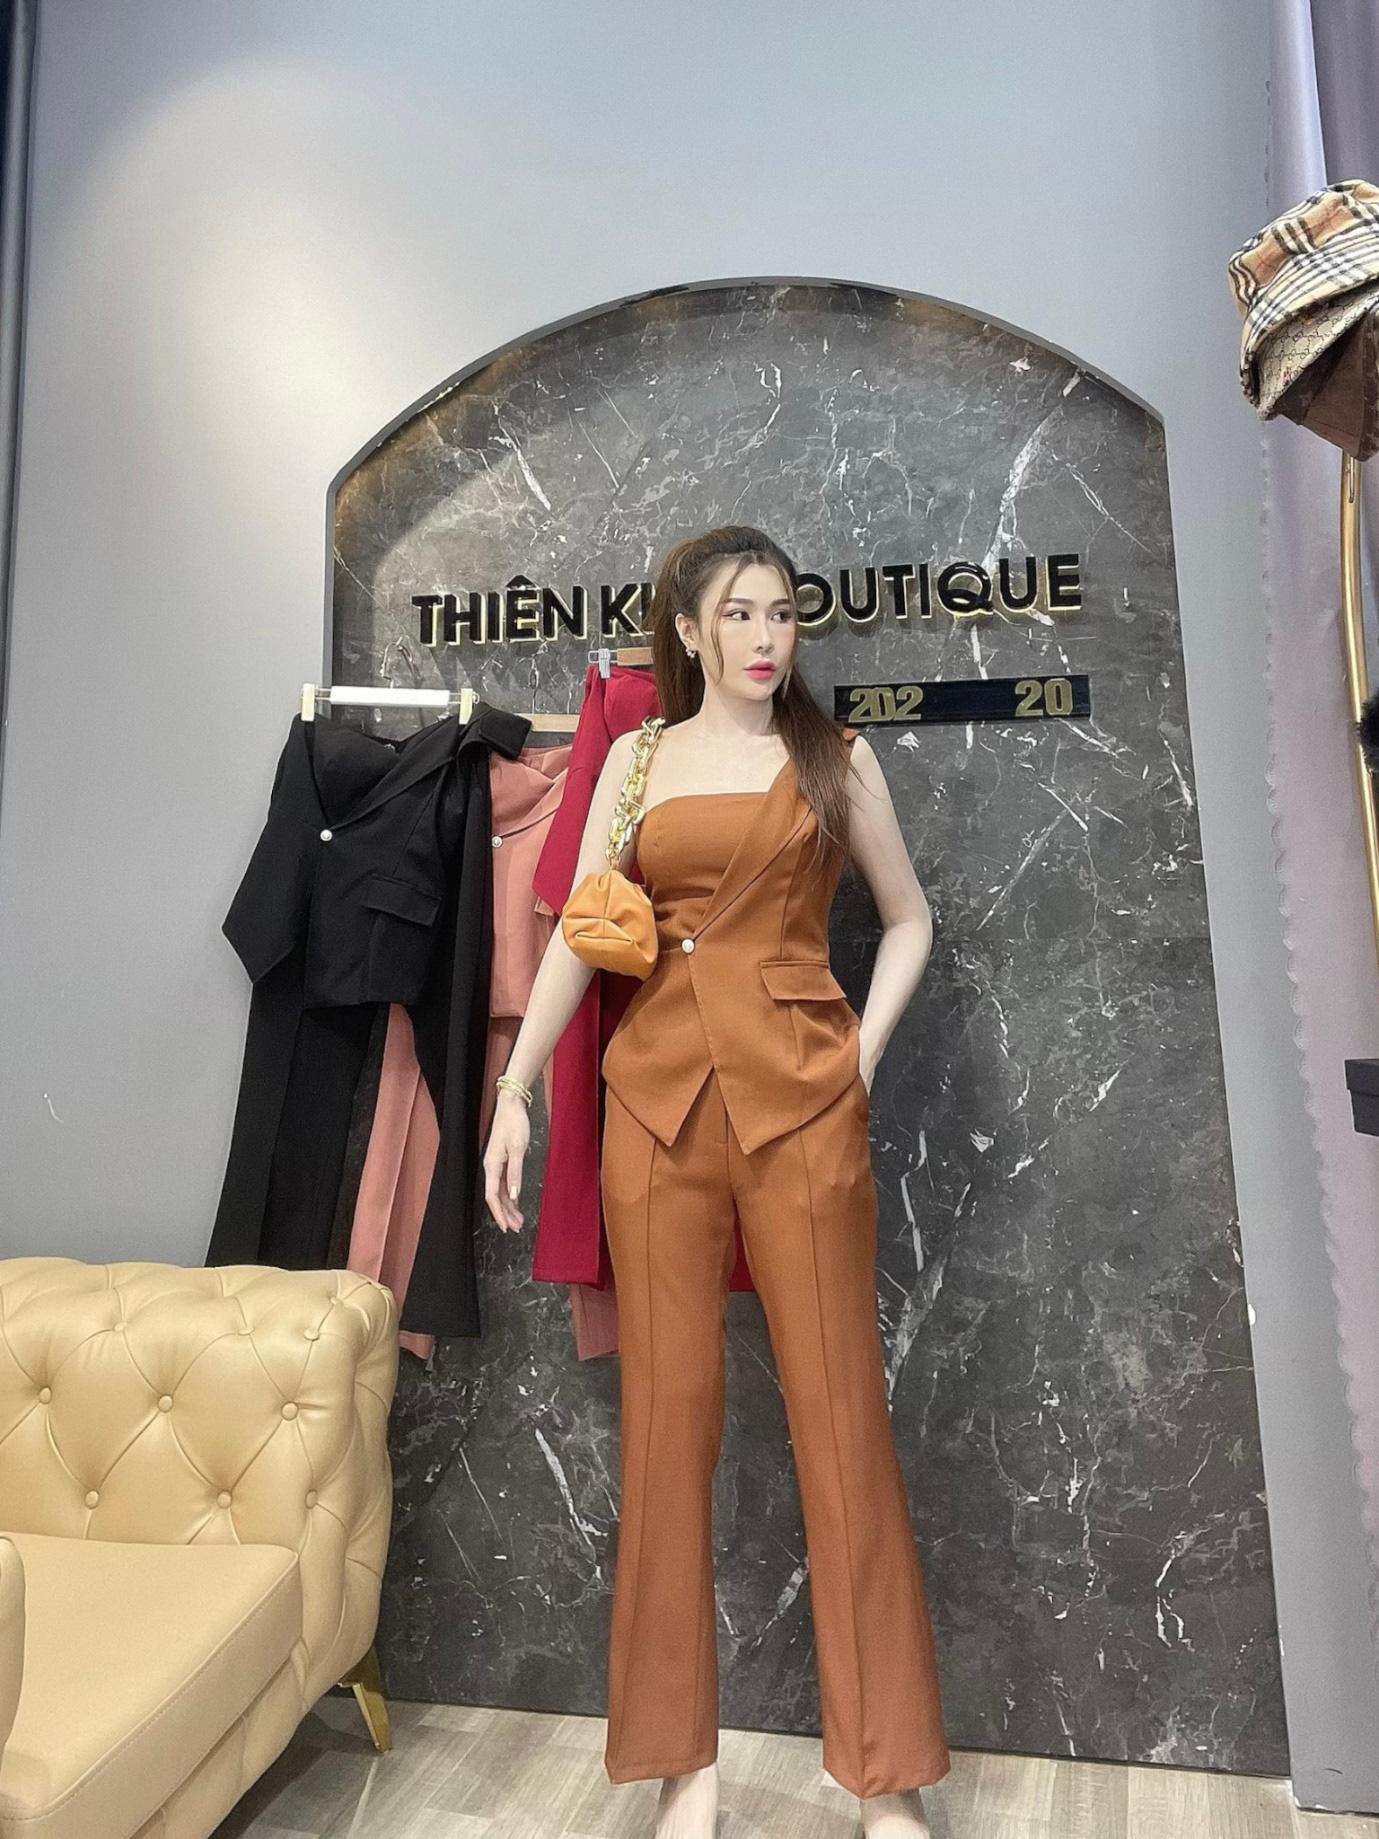 Thiên Kim Boutique - Điểm đến đáng lưu tâm cho các tín đồ thời trang - Ảnh 2.